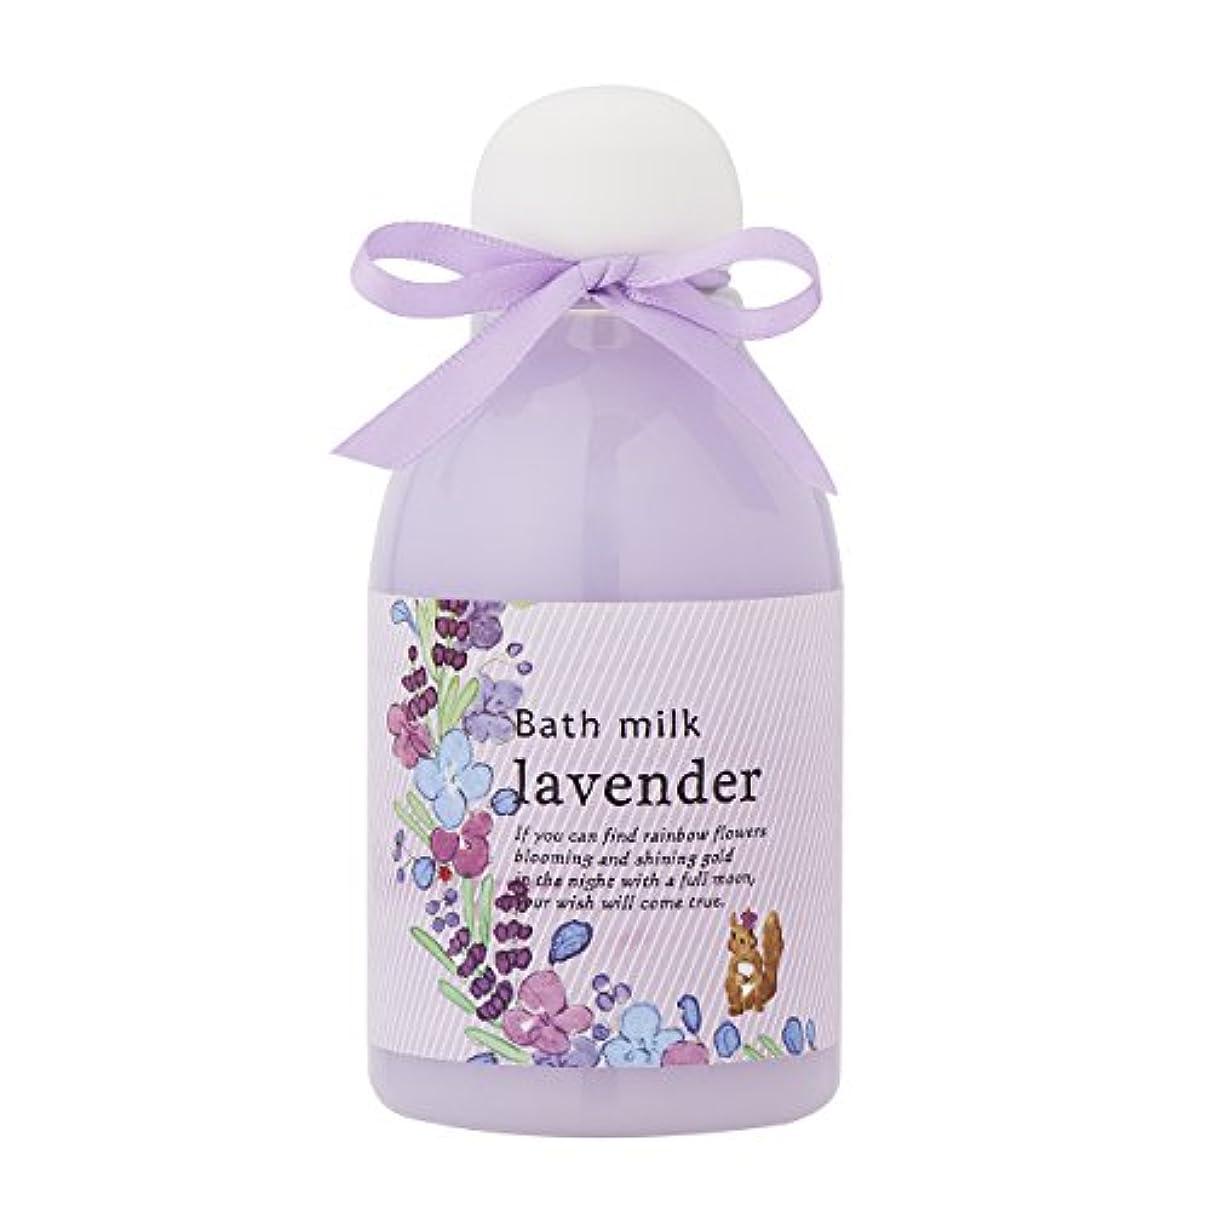 にぎやかスライム泣き叫ぶサンハーブ バスミルク ラベンダー 200ml(バブルバスタイプ入浴料 泡風呂 ふわっと爽やかなラベンダーの香り)